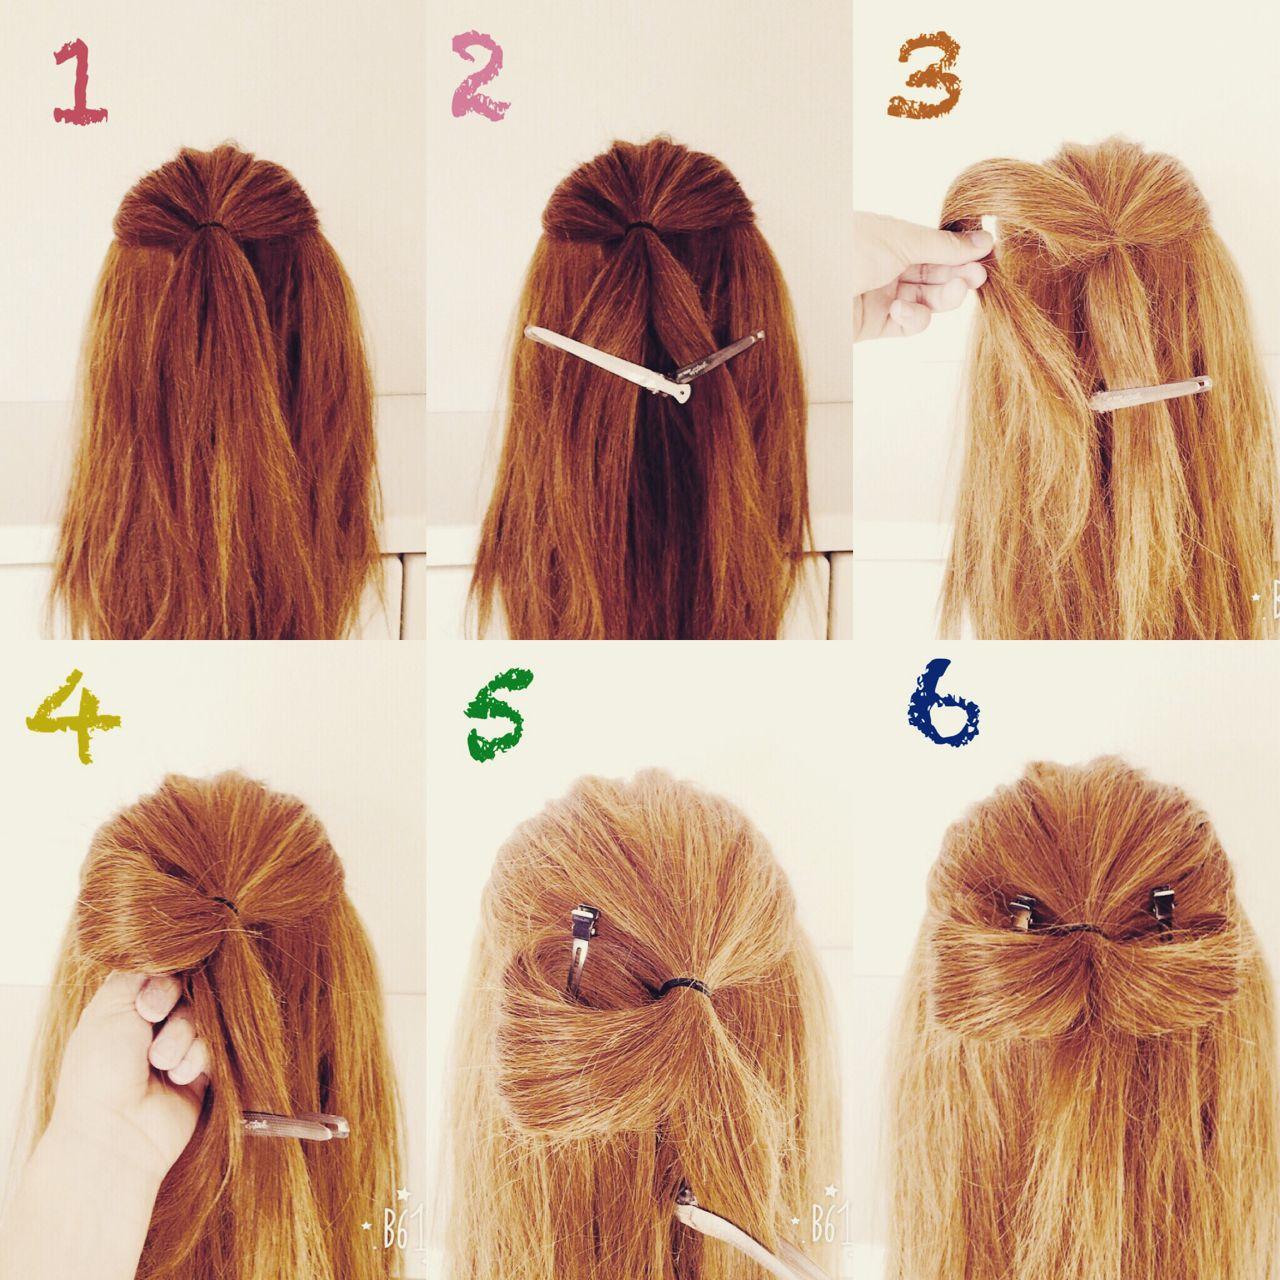 実は簡単!自分の髪でリボンを作ると誰でもかわいい髪型に いまむ